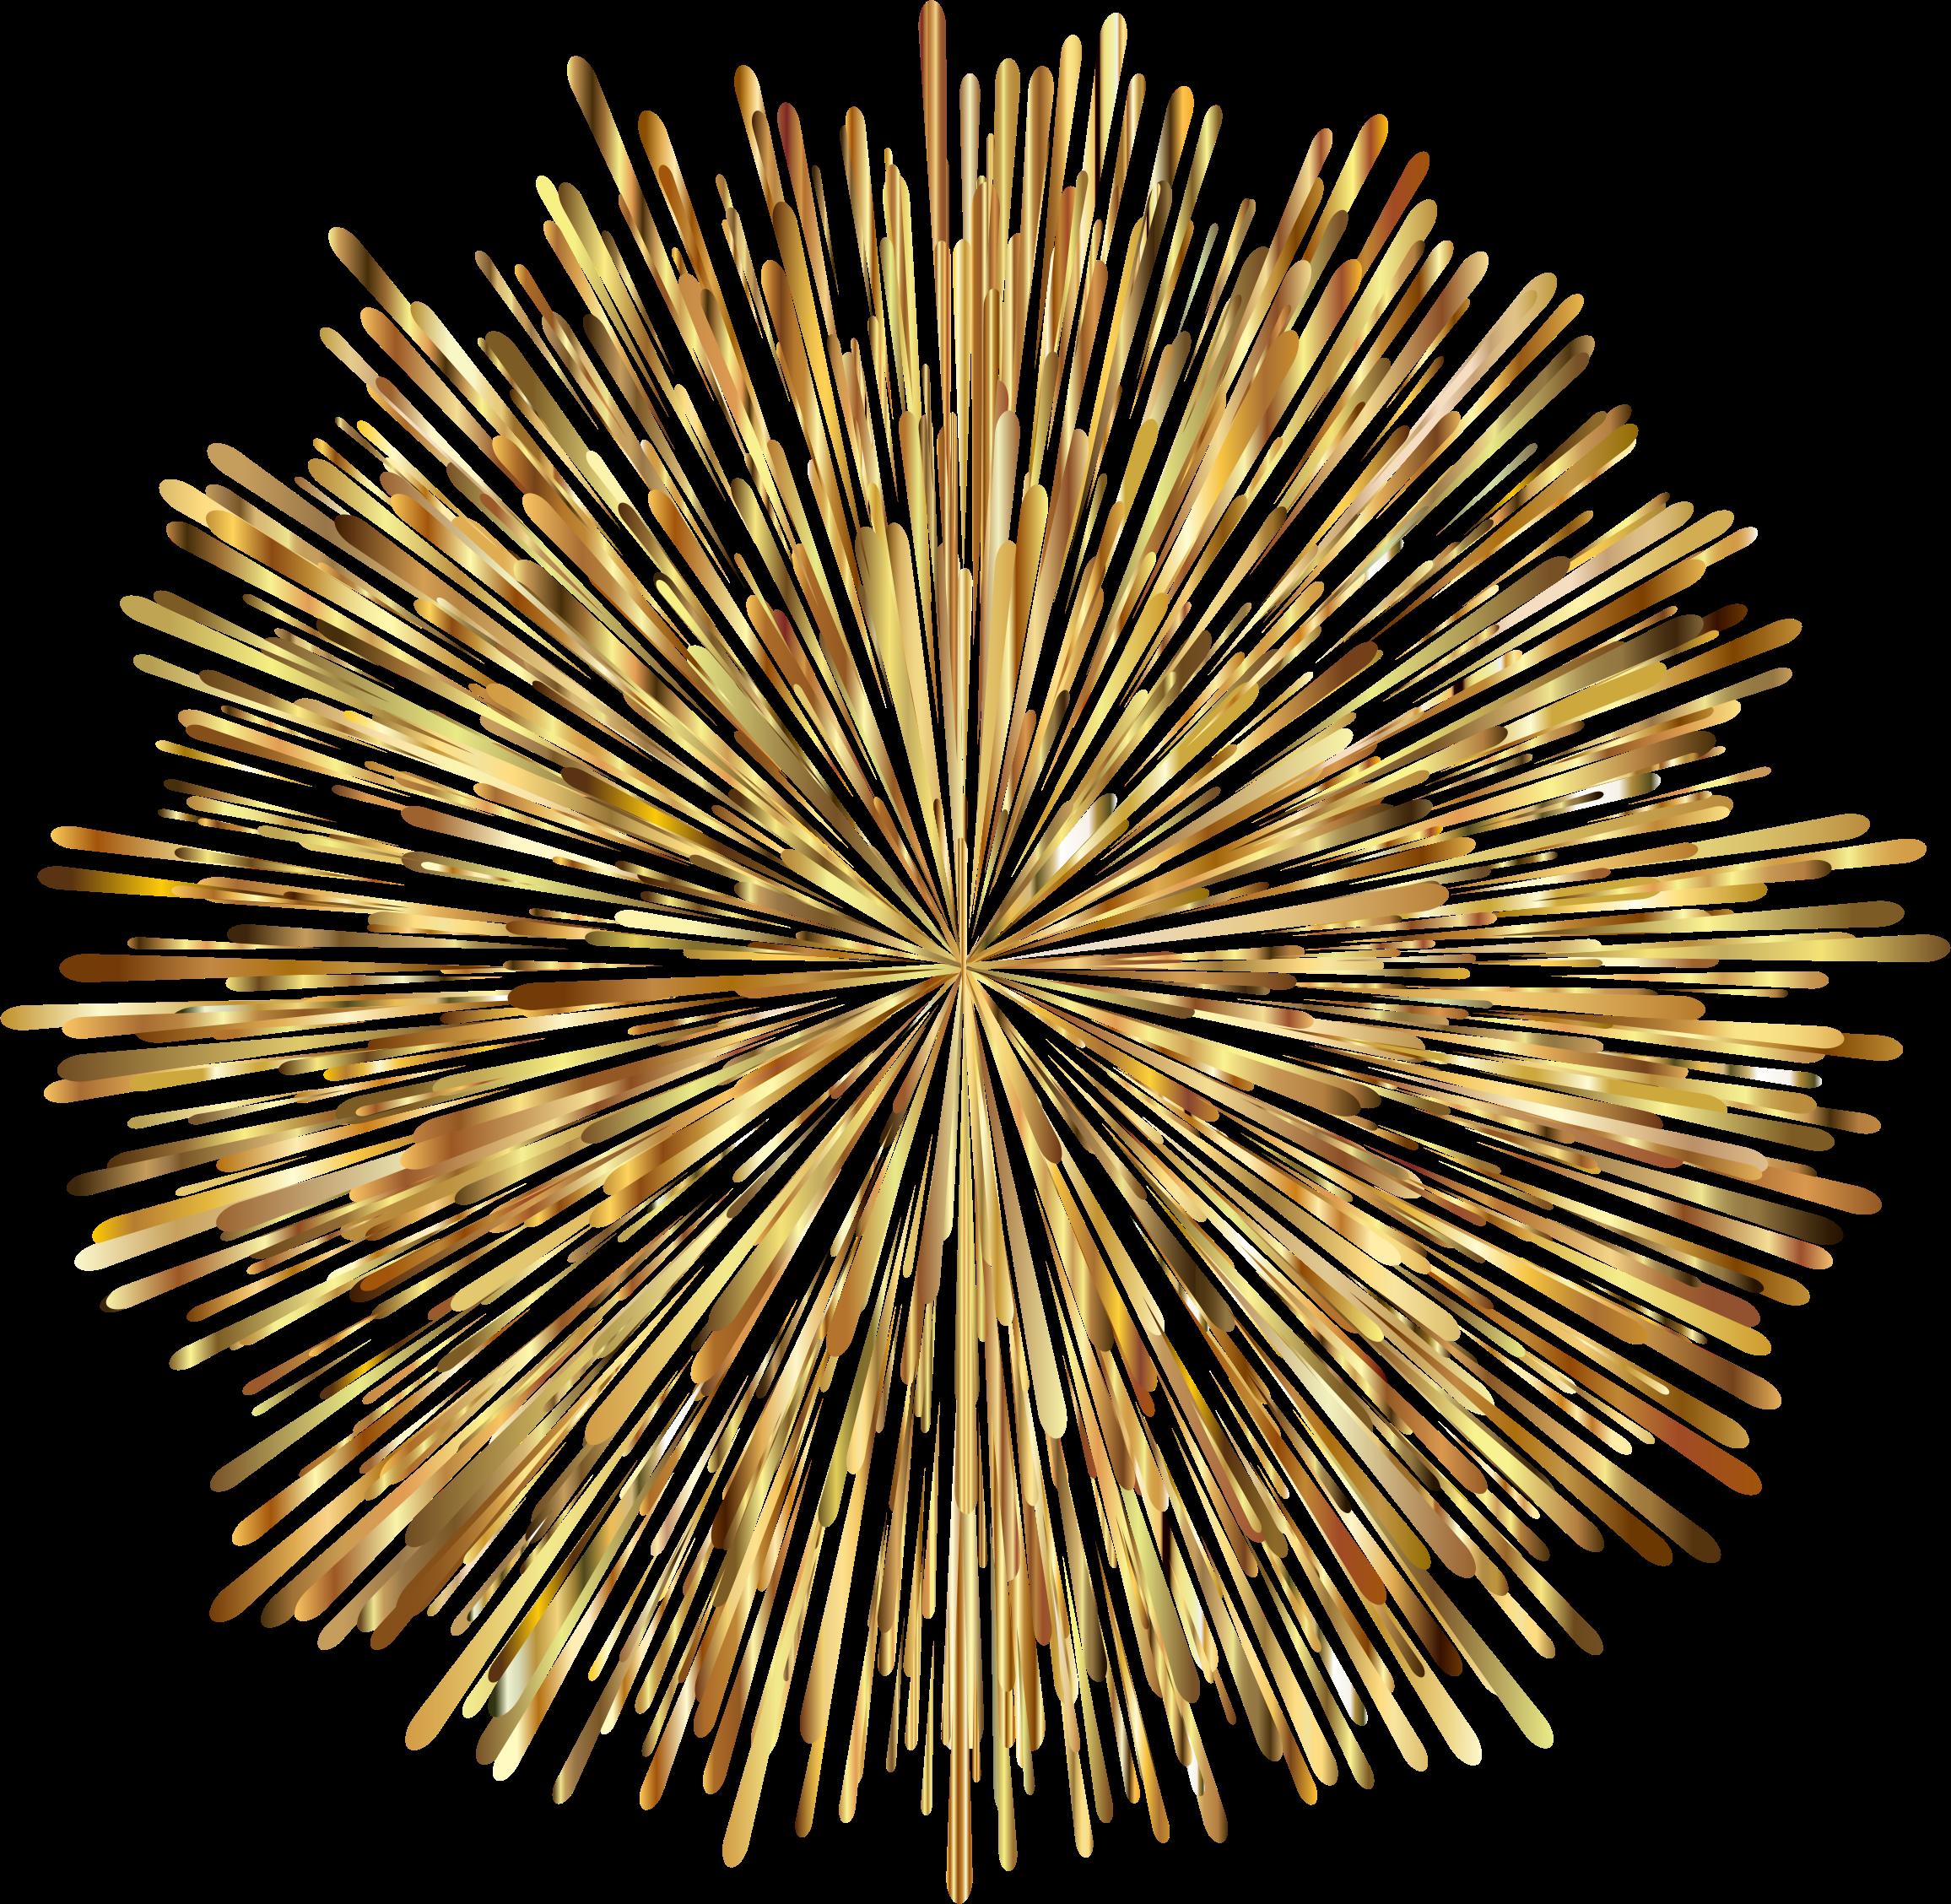 Prismatic no big image. Clipart fireworks transparent background